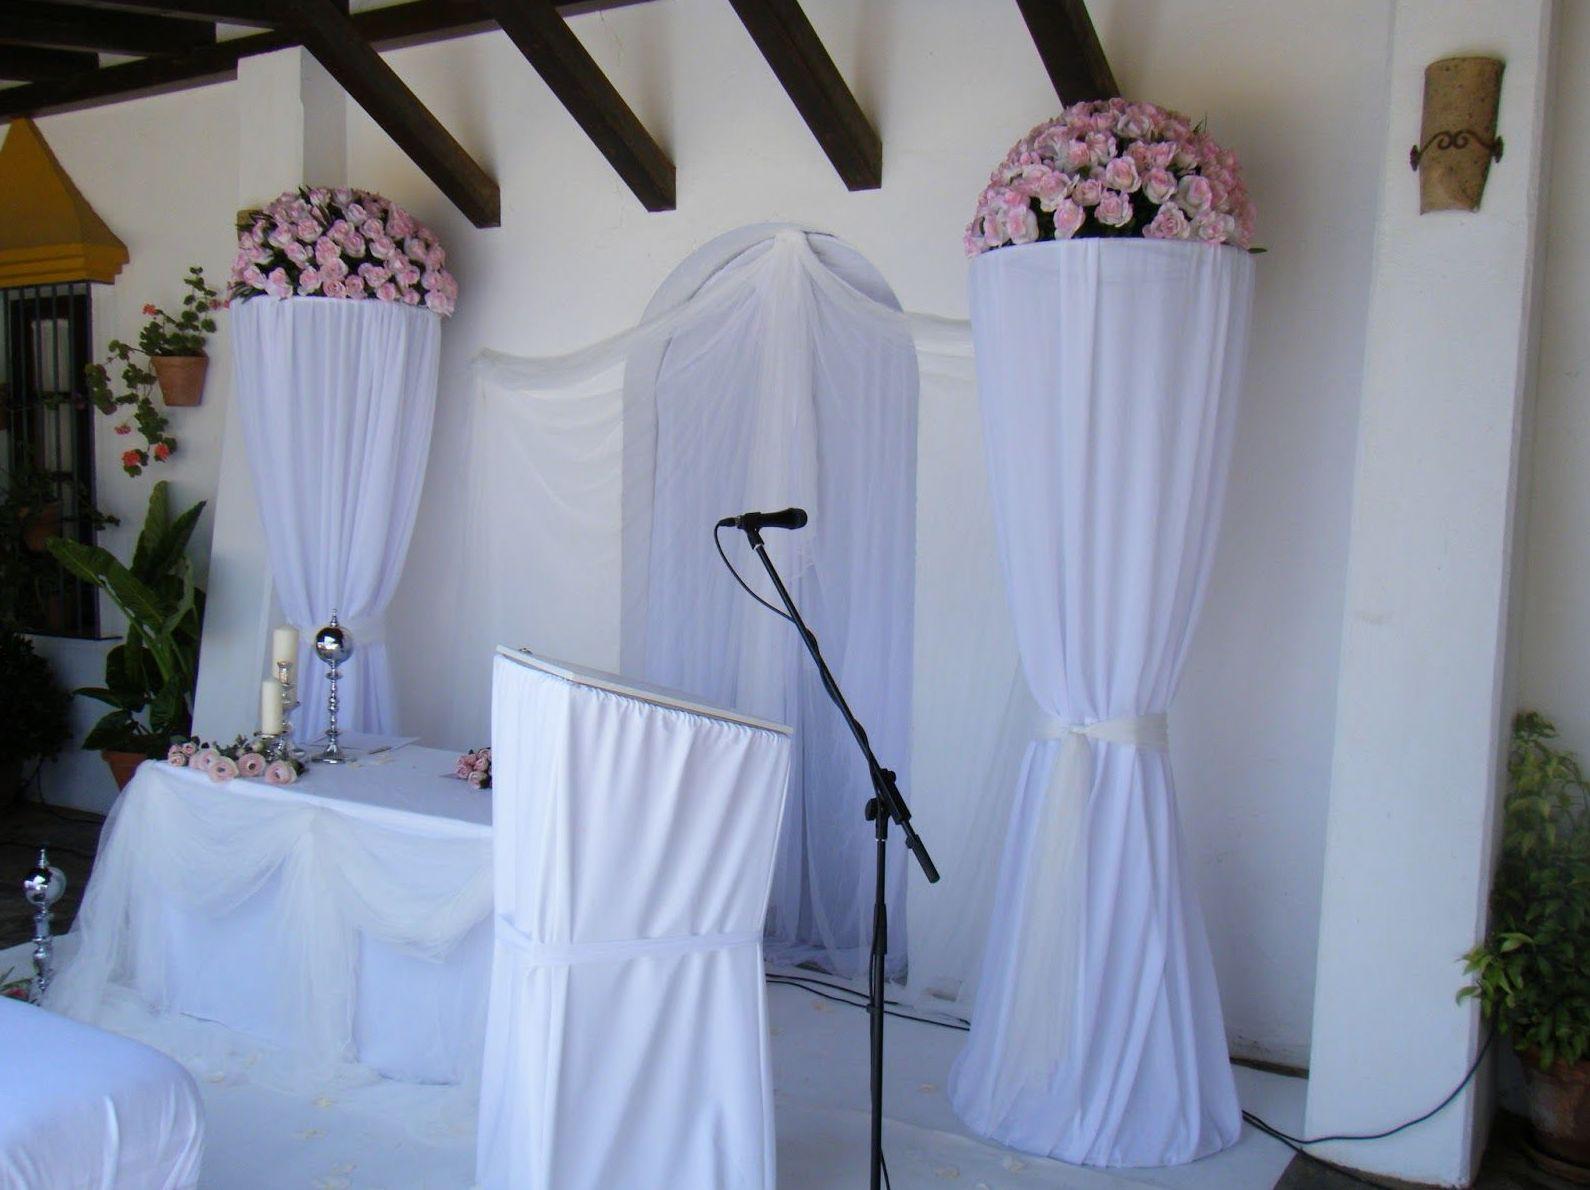 Foto 29 de Celebración de bodas en Alcalá de Guadaíra | Hacienda Mendieta